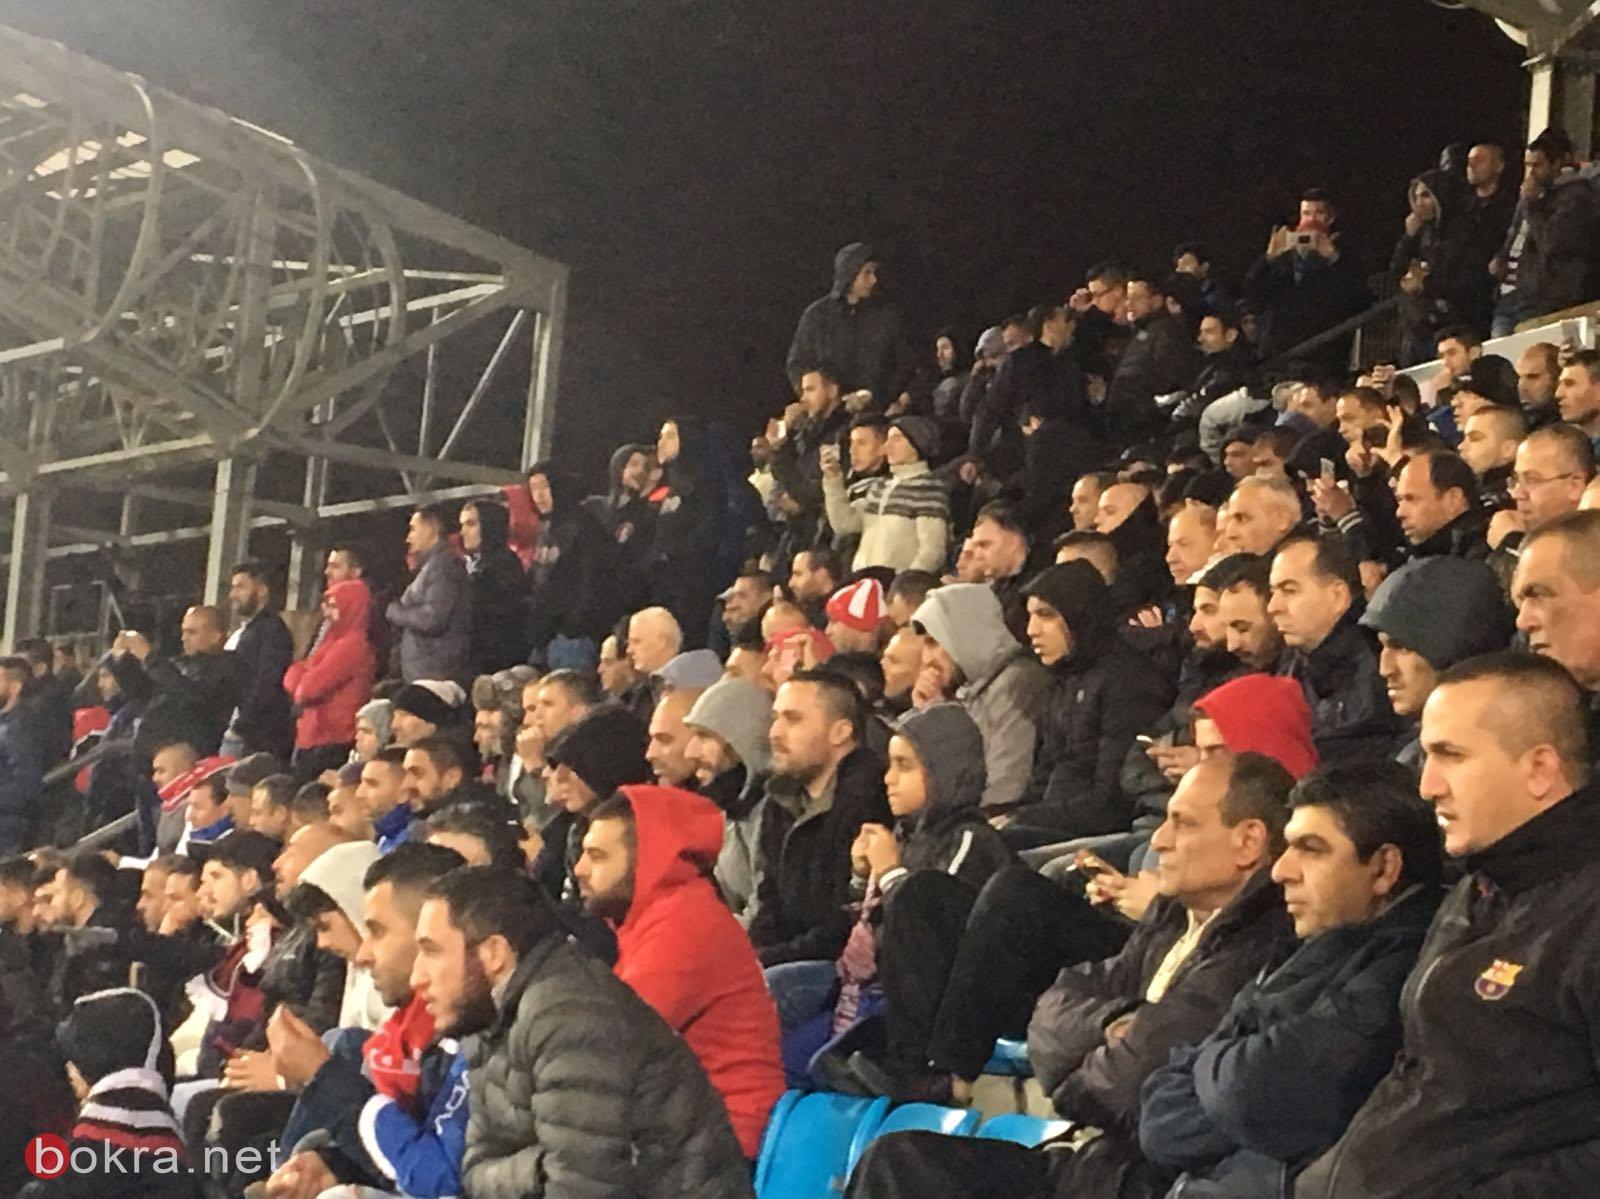 بضوء القنديل.. الاتحاد السخنيني يعود لدرب الانتصارات بفوزه (1-0) على مـ حيفا